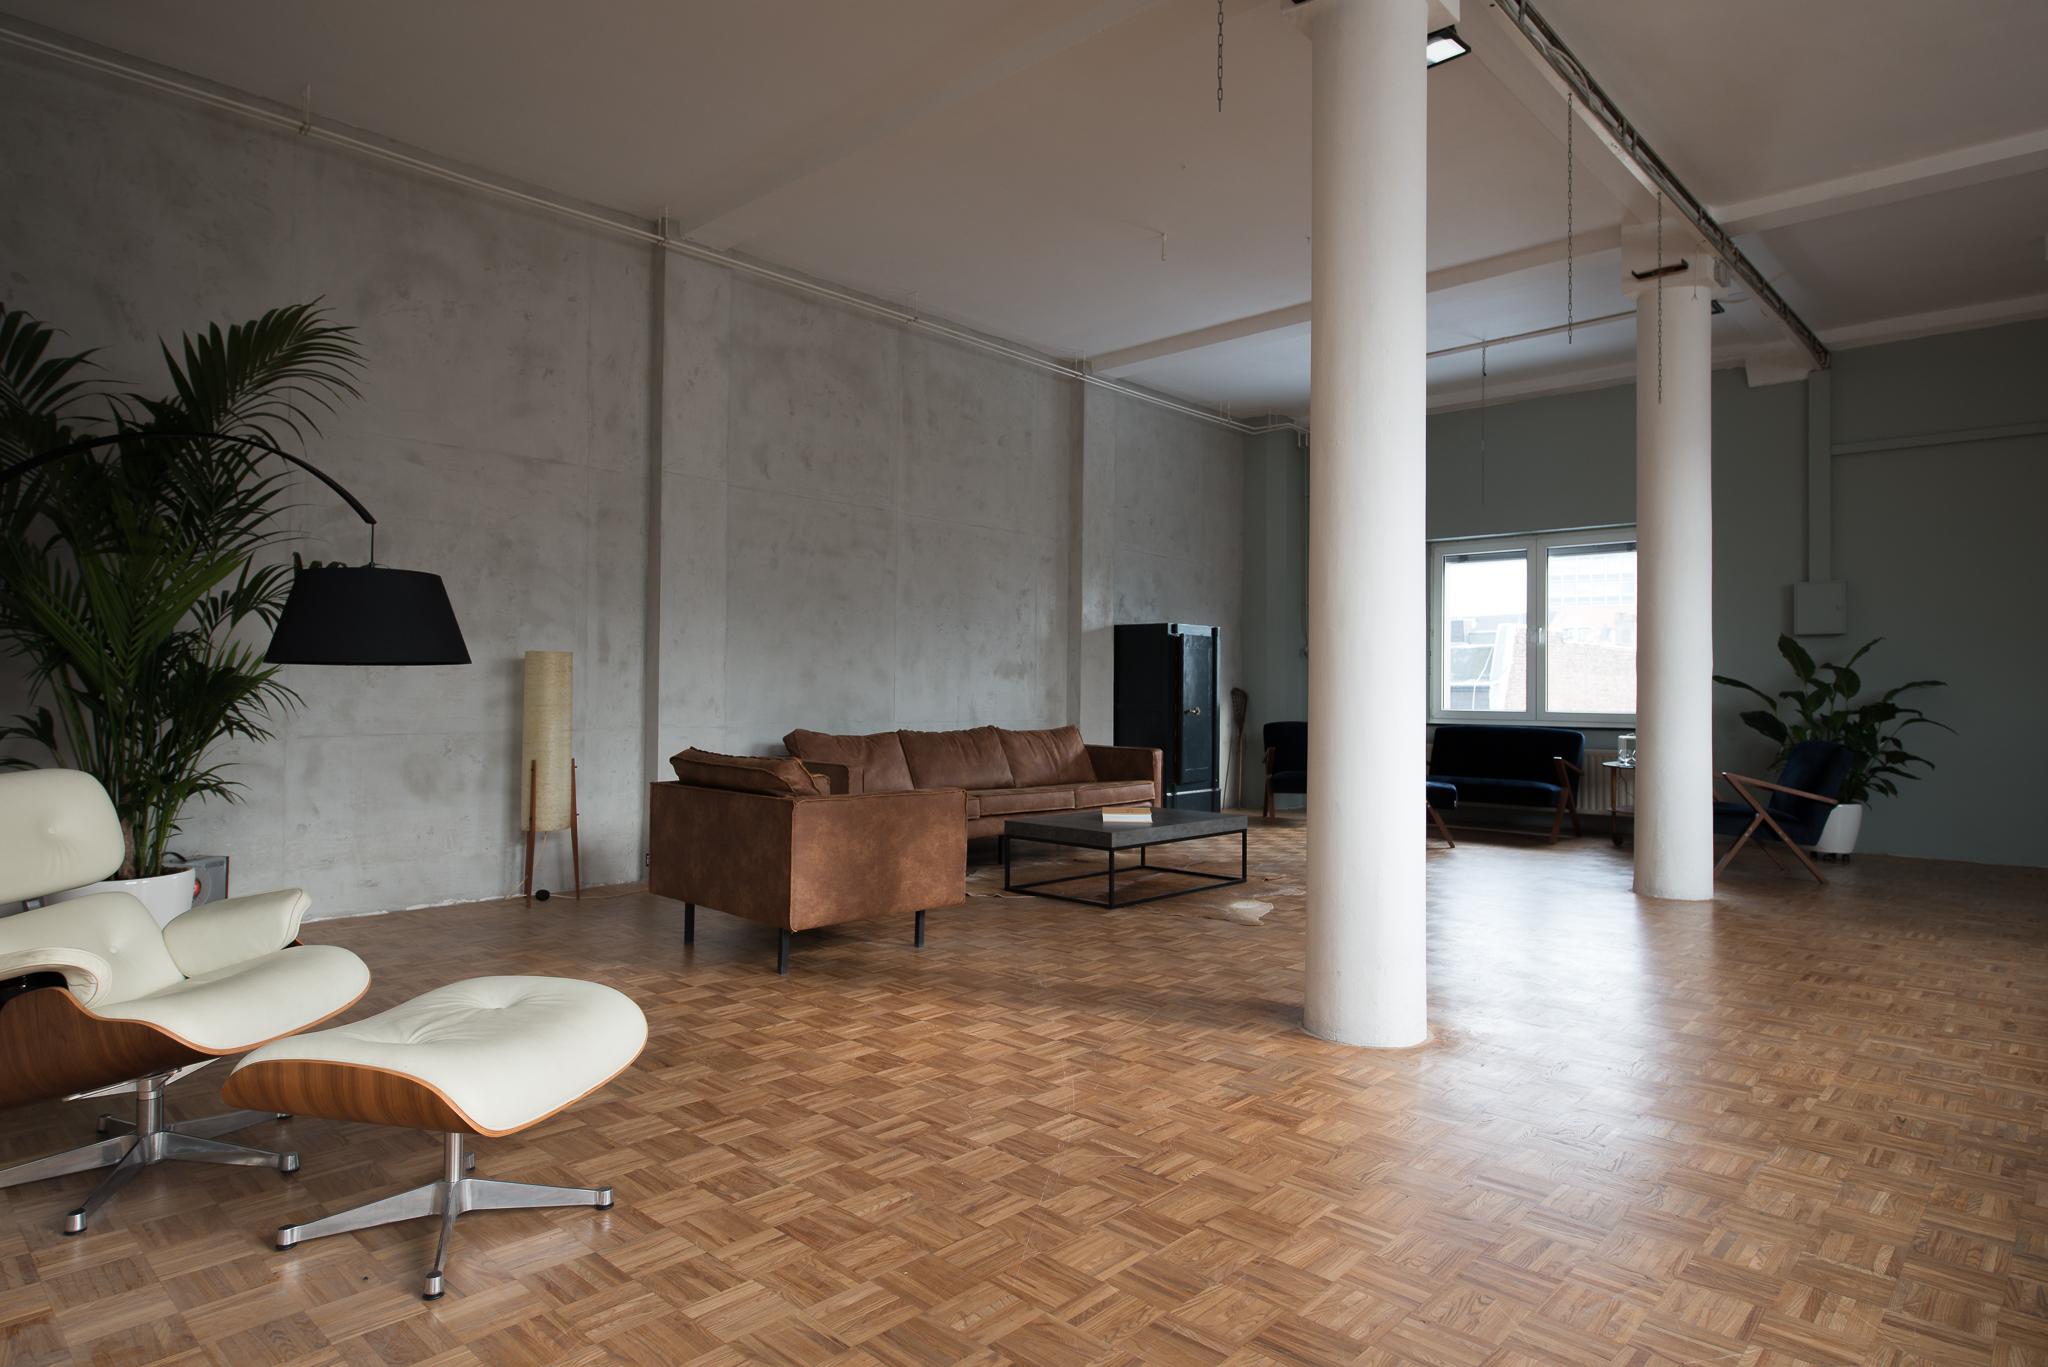 loftstudiocologne-penthouse-loft-7.jpg